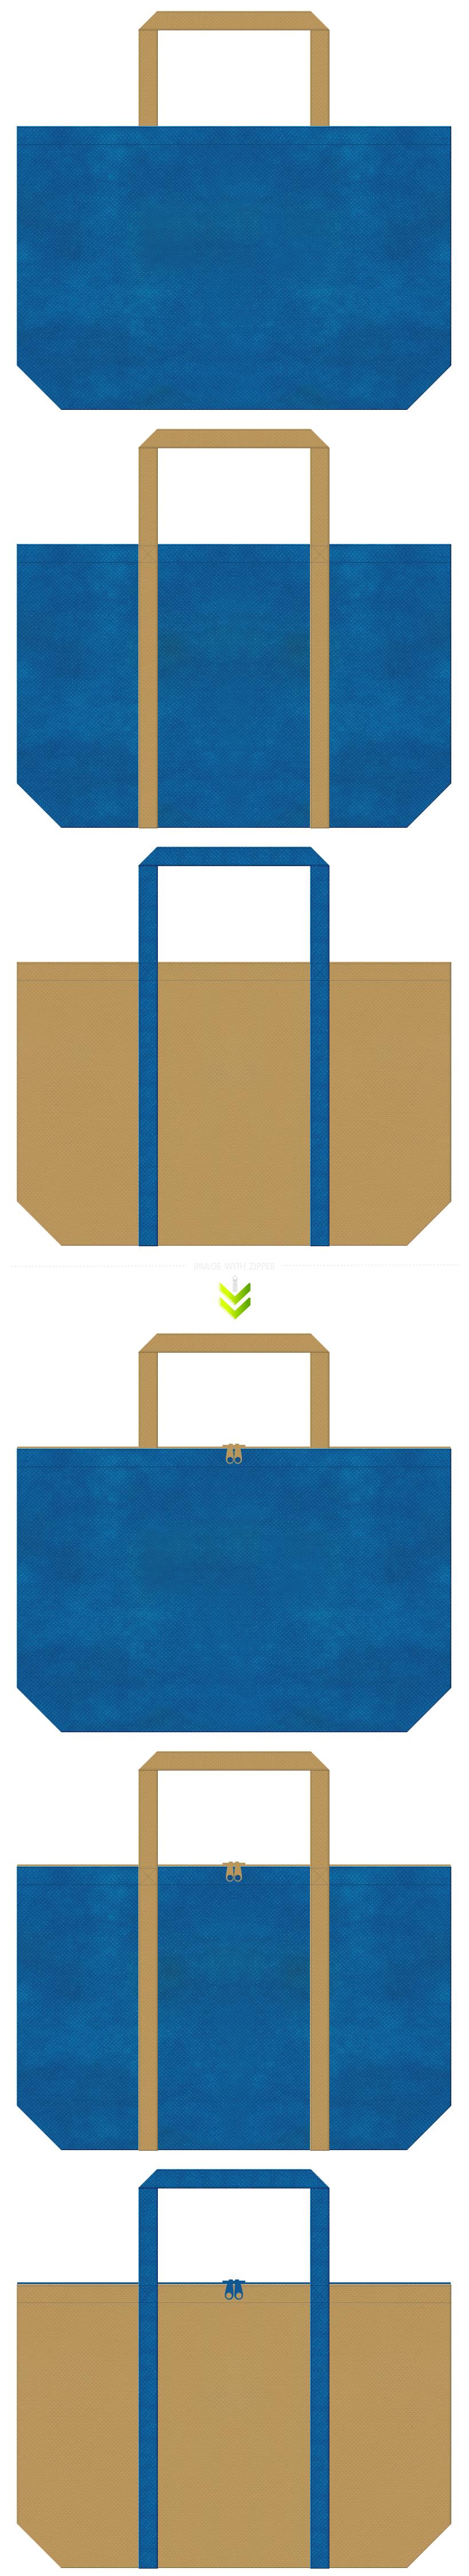 バッグノベルティのコーデ。青色と金色系黄土色の不織布バッグデザイン。